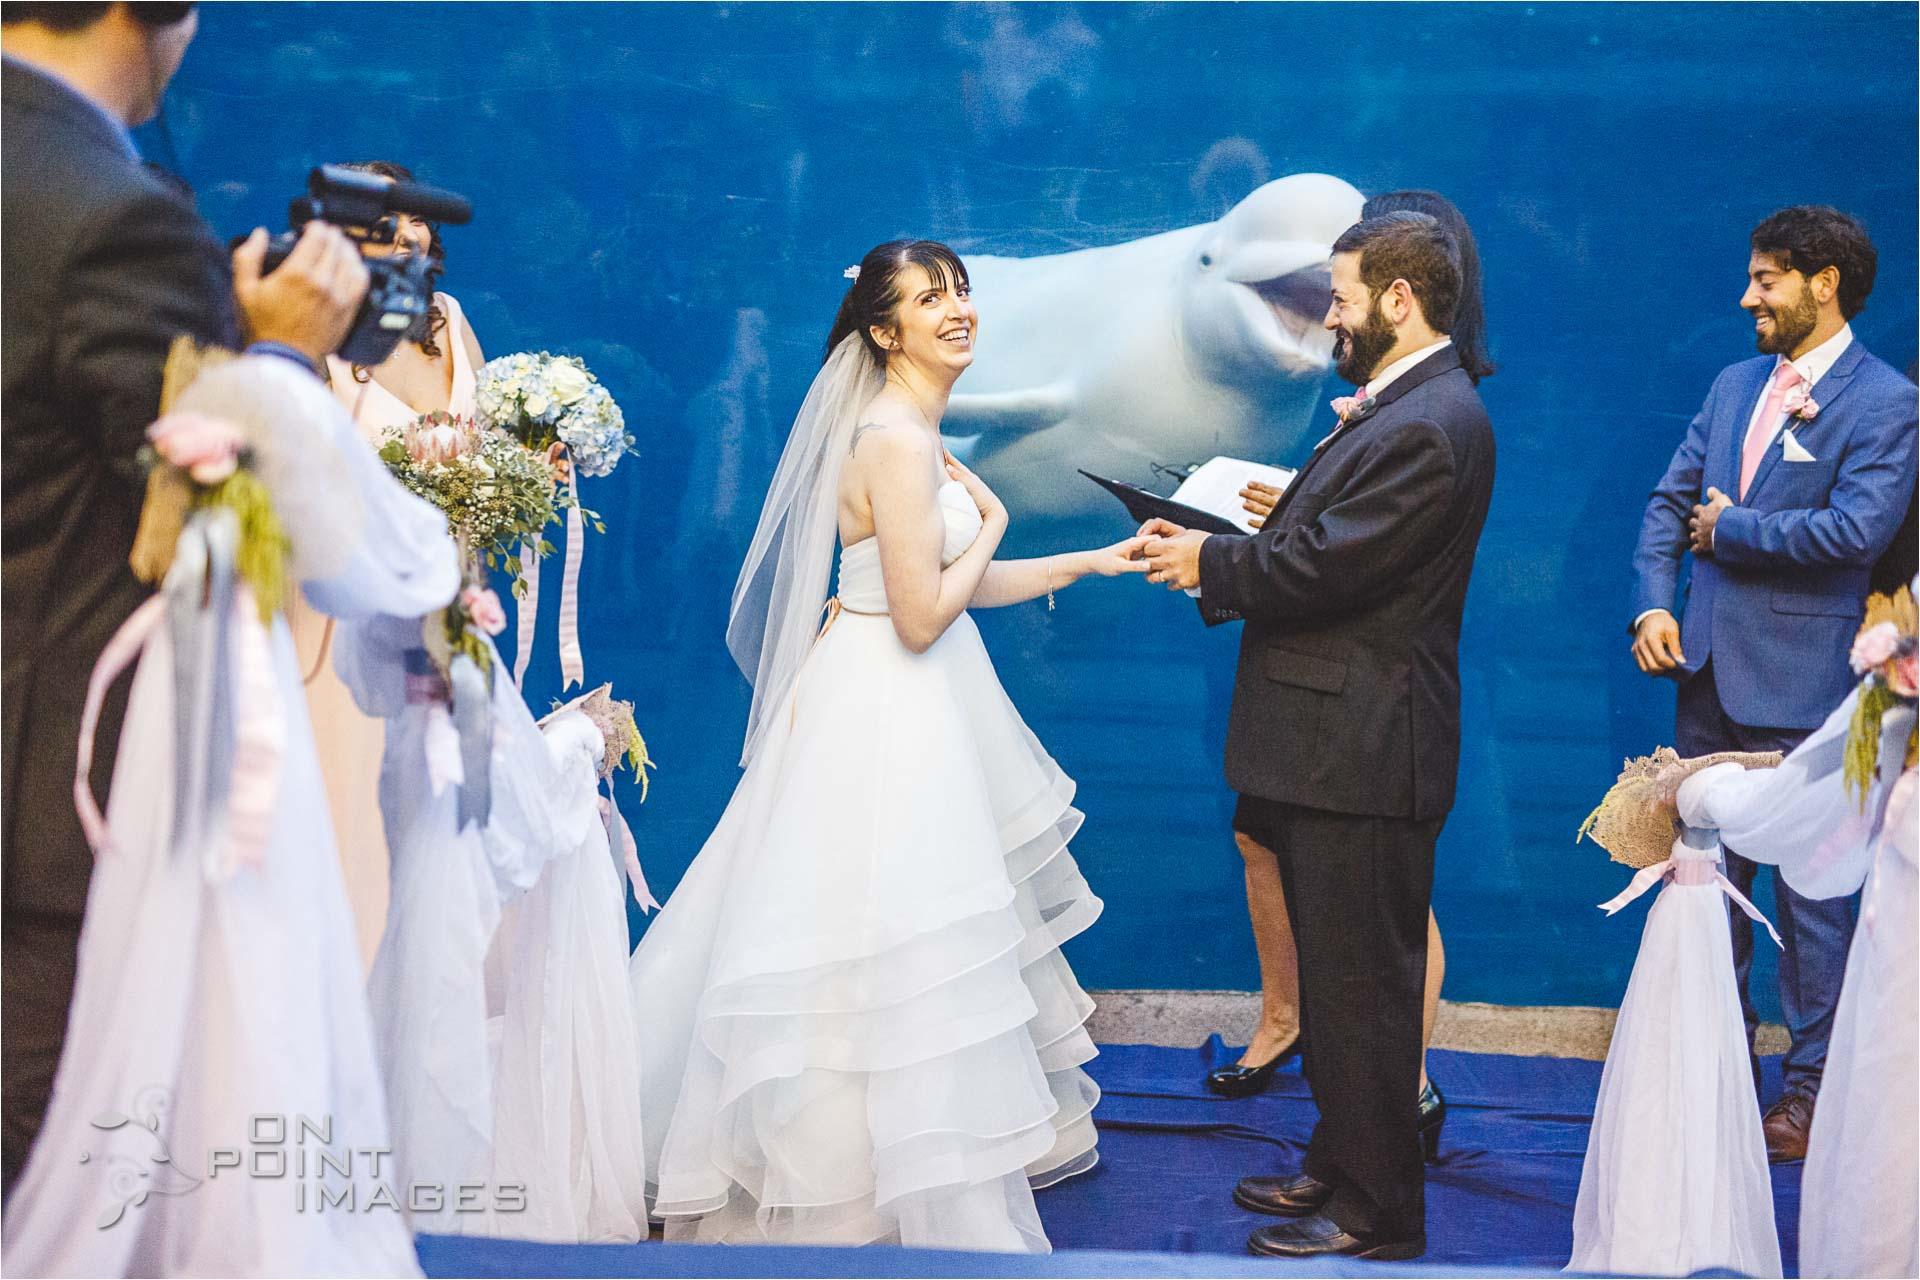 mystic-aquarium-wedding-photographs-26.jpg